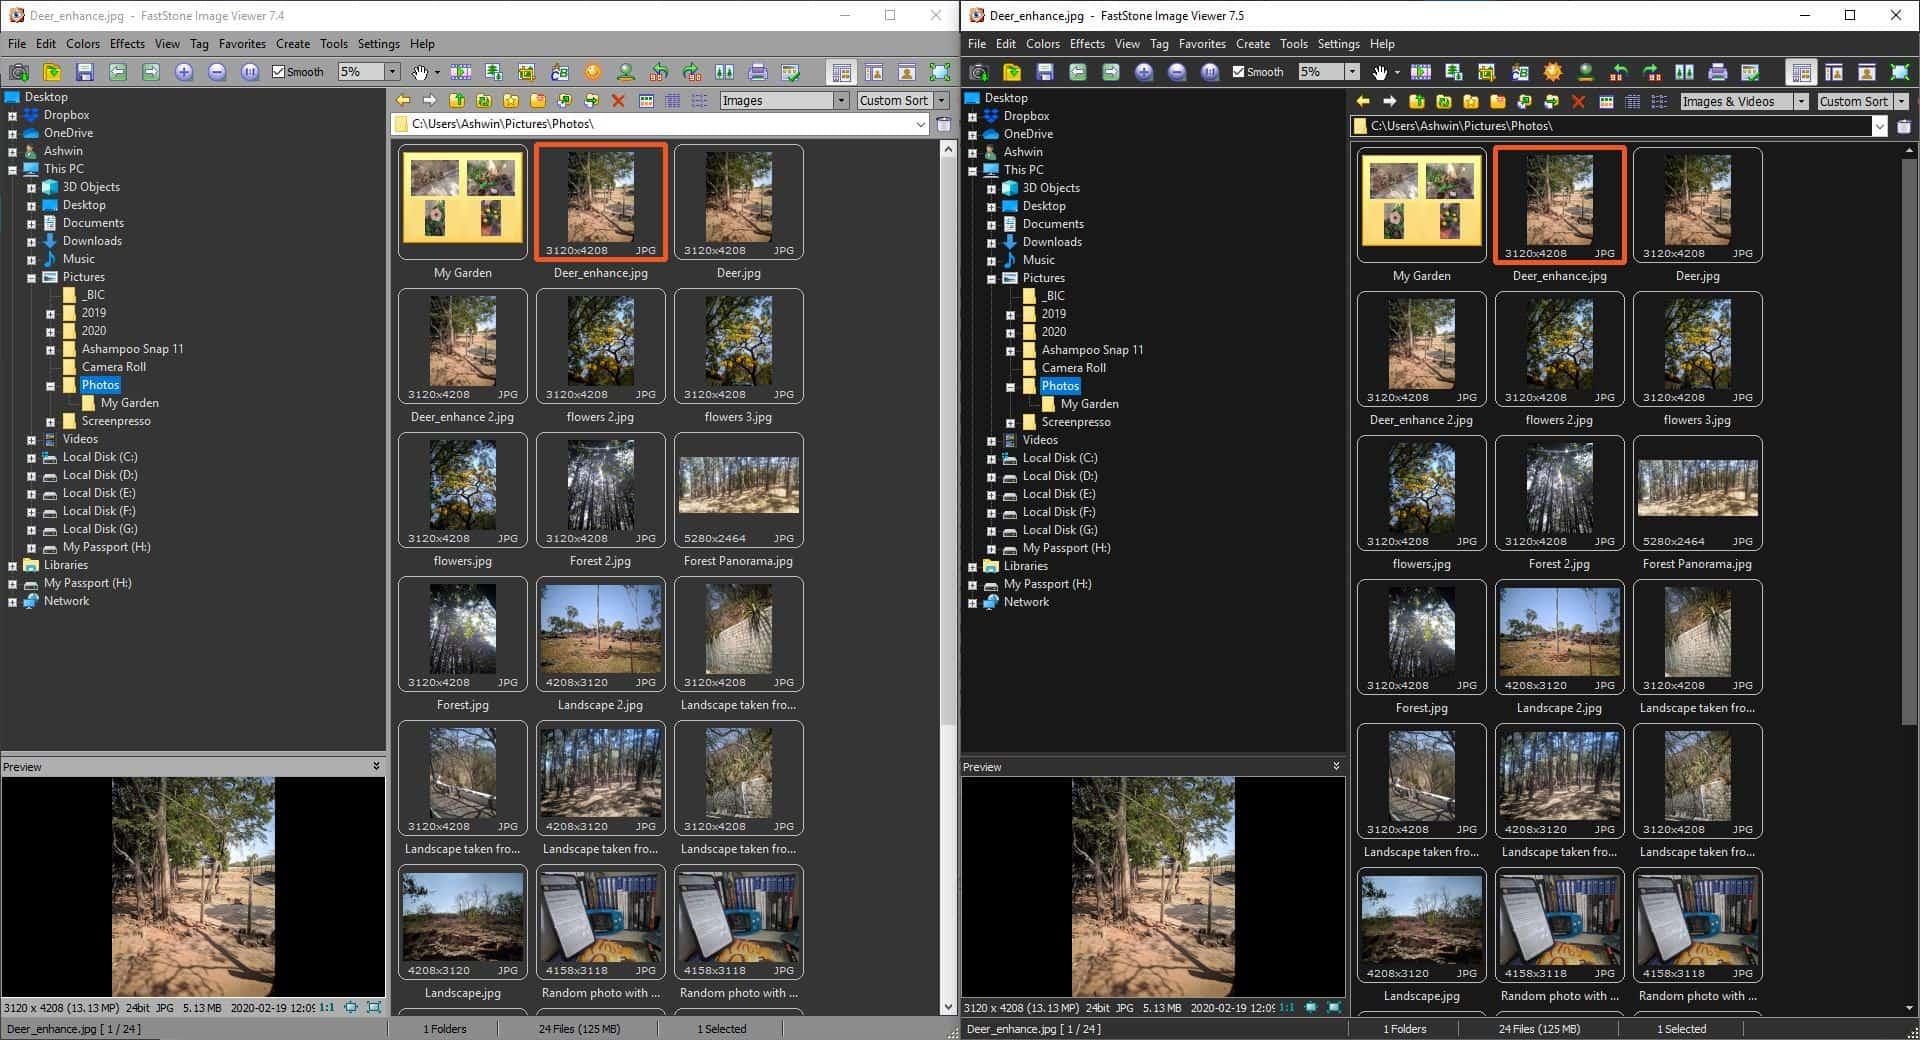 FastStone Image Viewer Gray Vs Dark theme